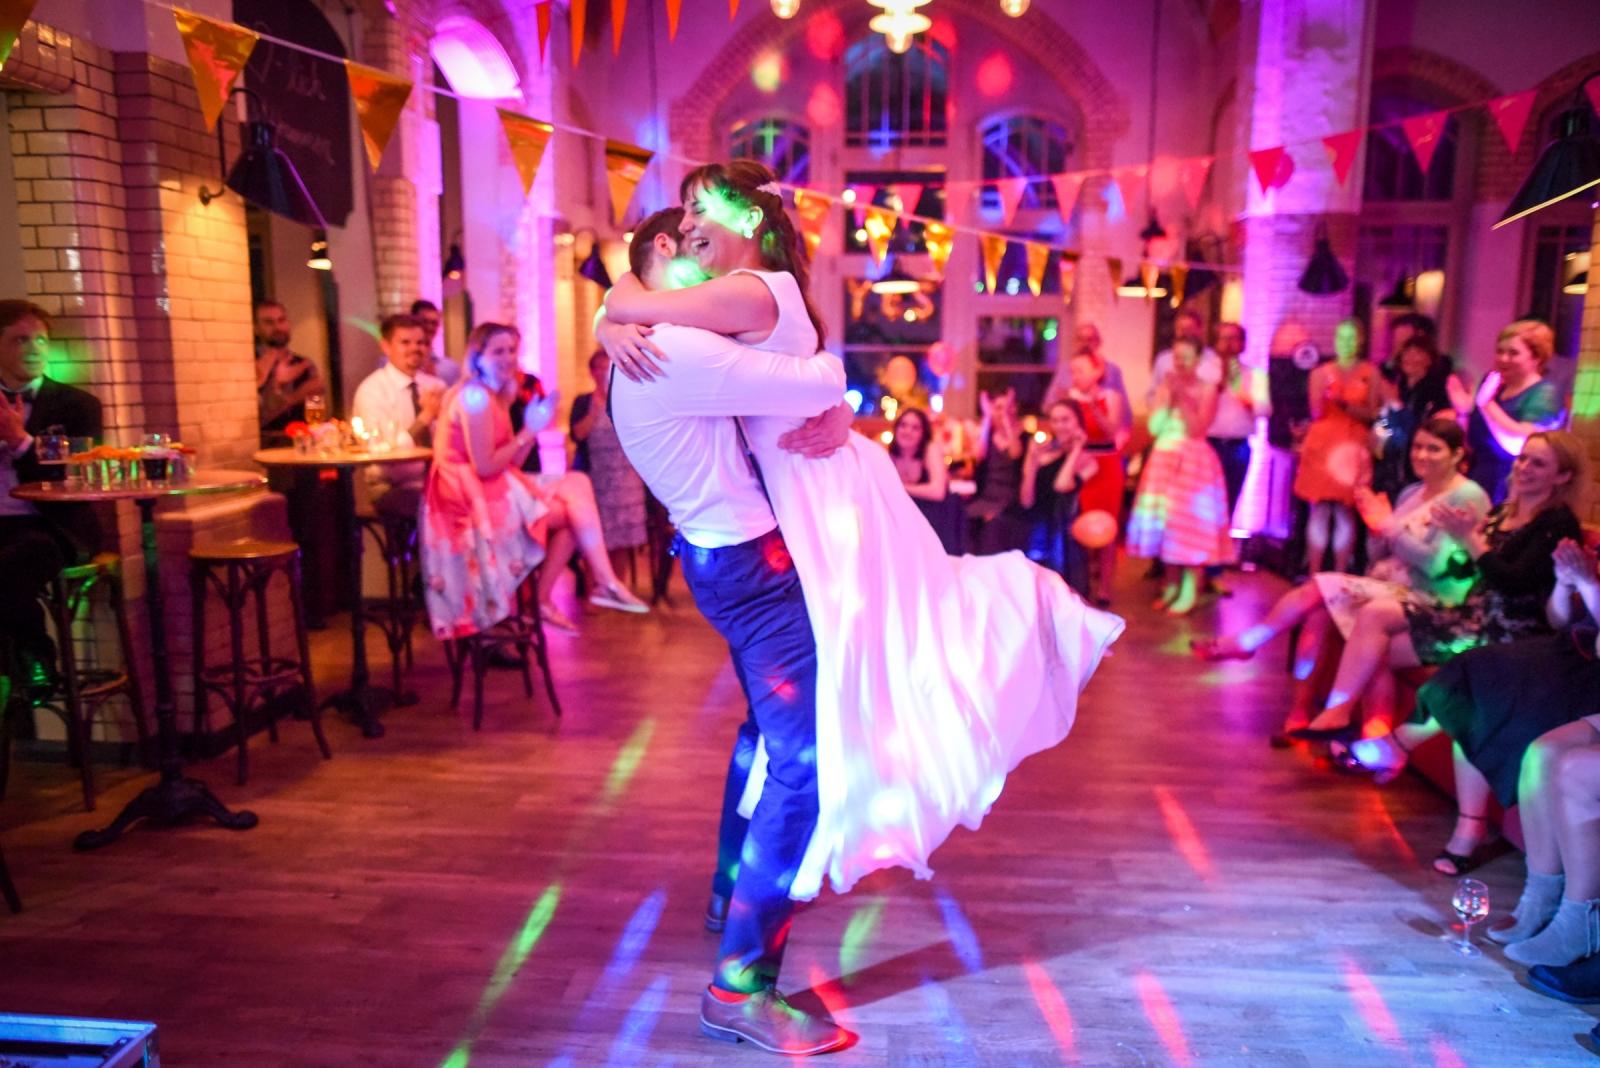 Hochzeit - Paartanz